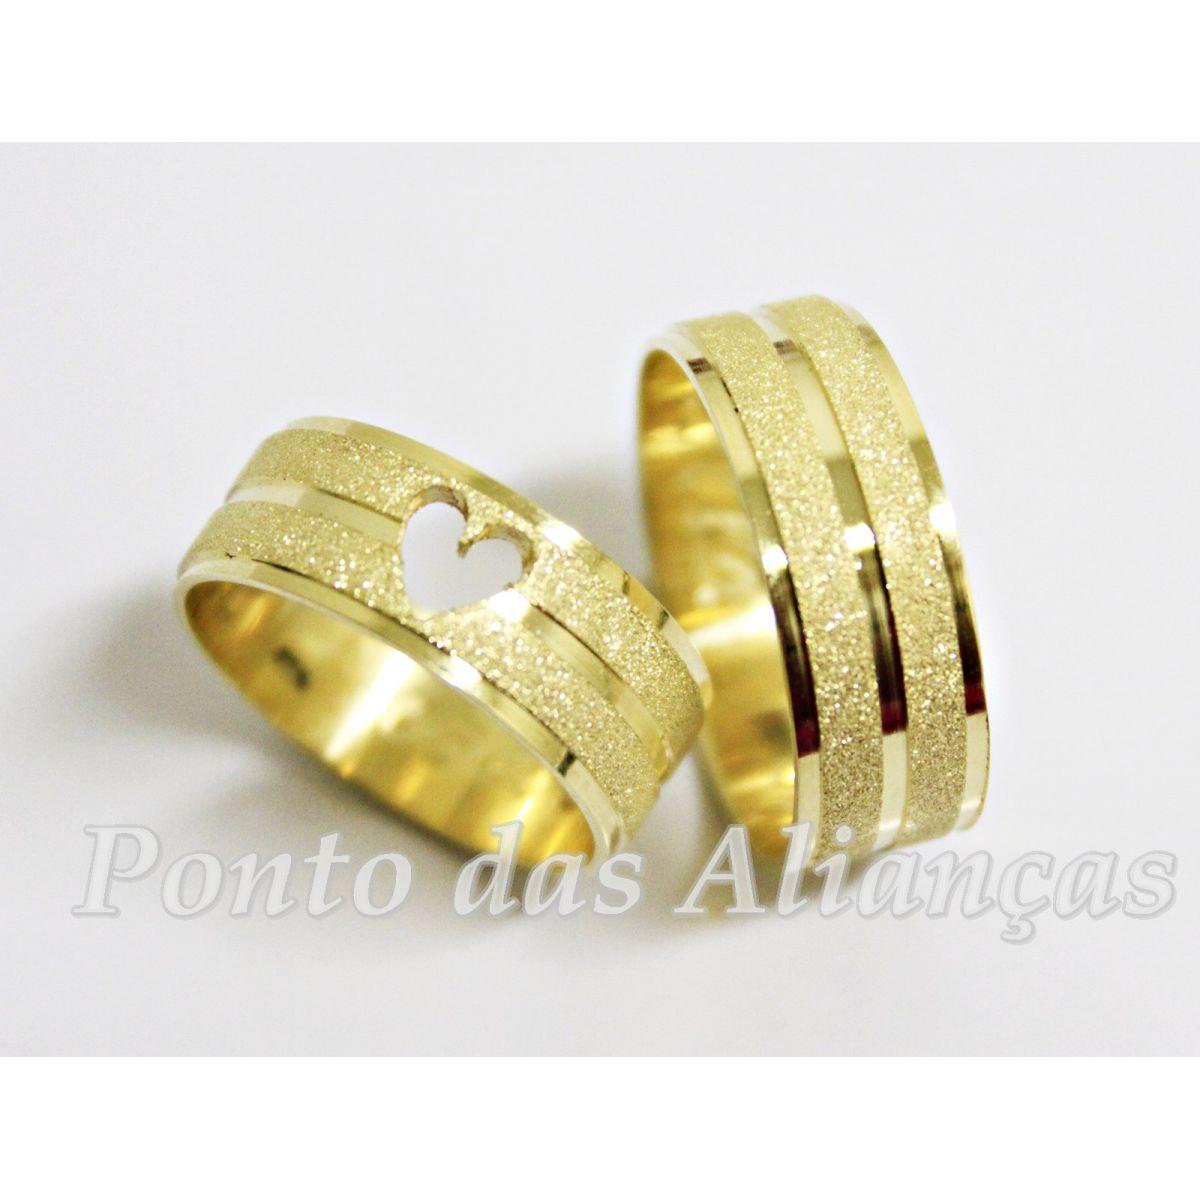 Alianças de Ouro Casamento ou Noivado - 553